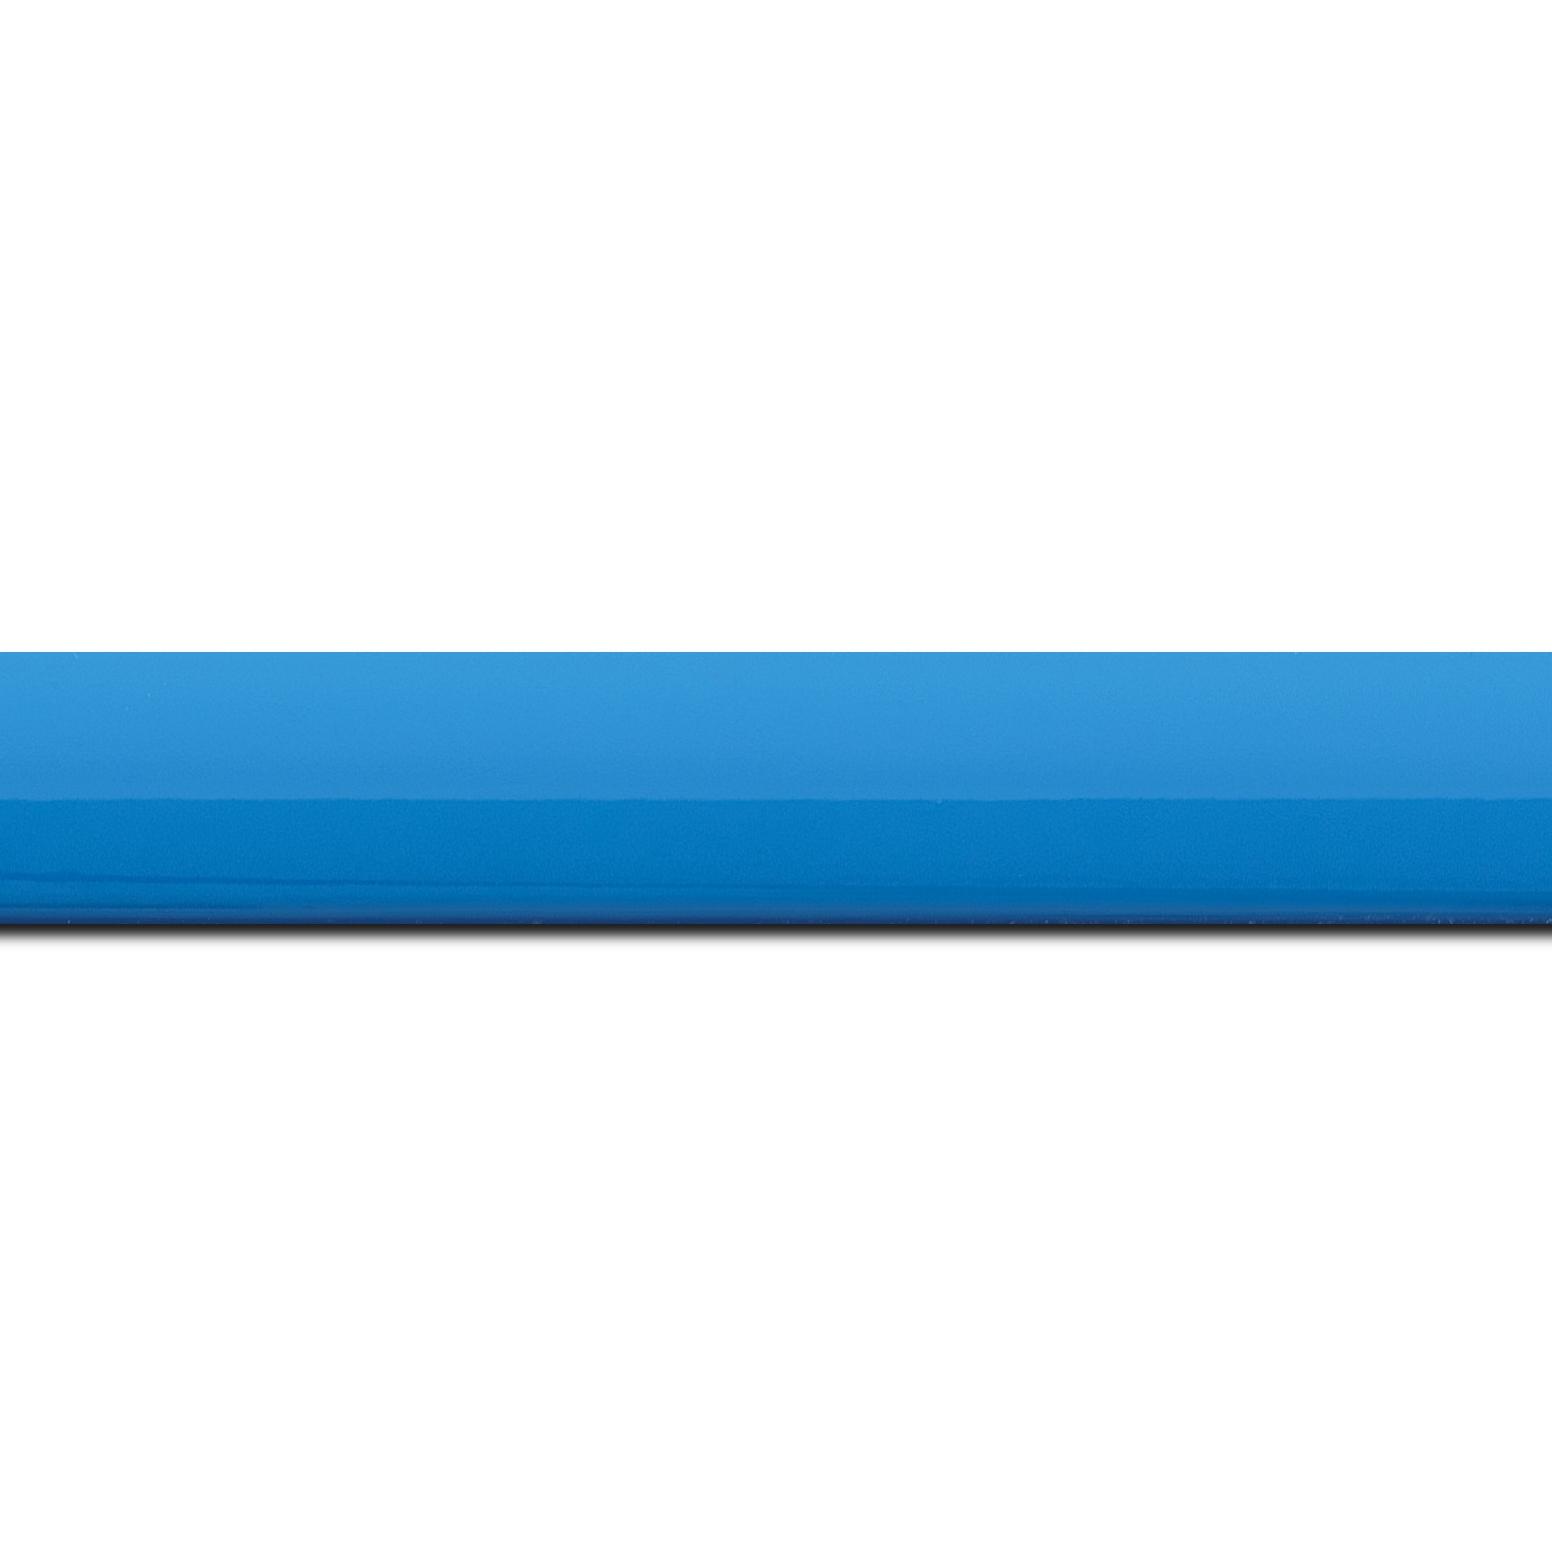 Baguette longueur 1.40m bois profil méplat largeur 2.3cm couleur bleu clair laqué